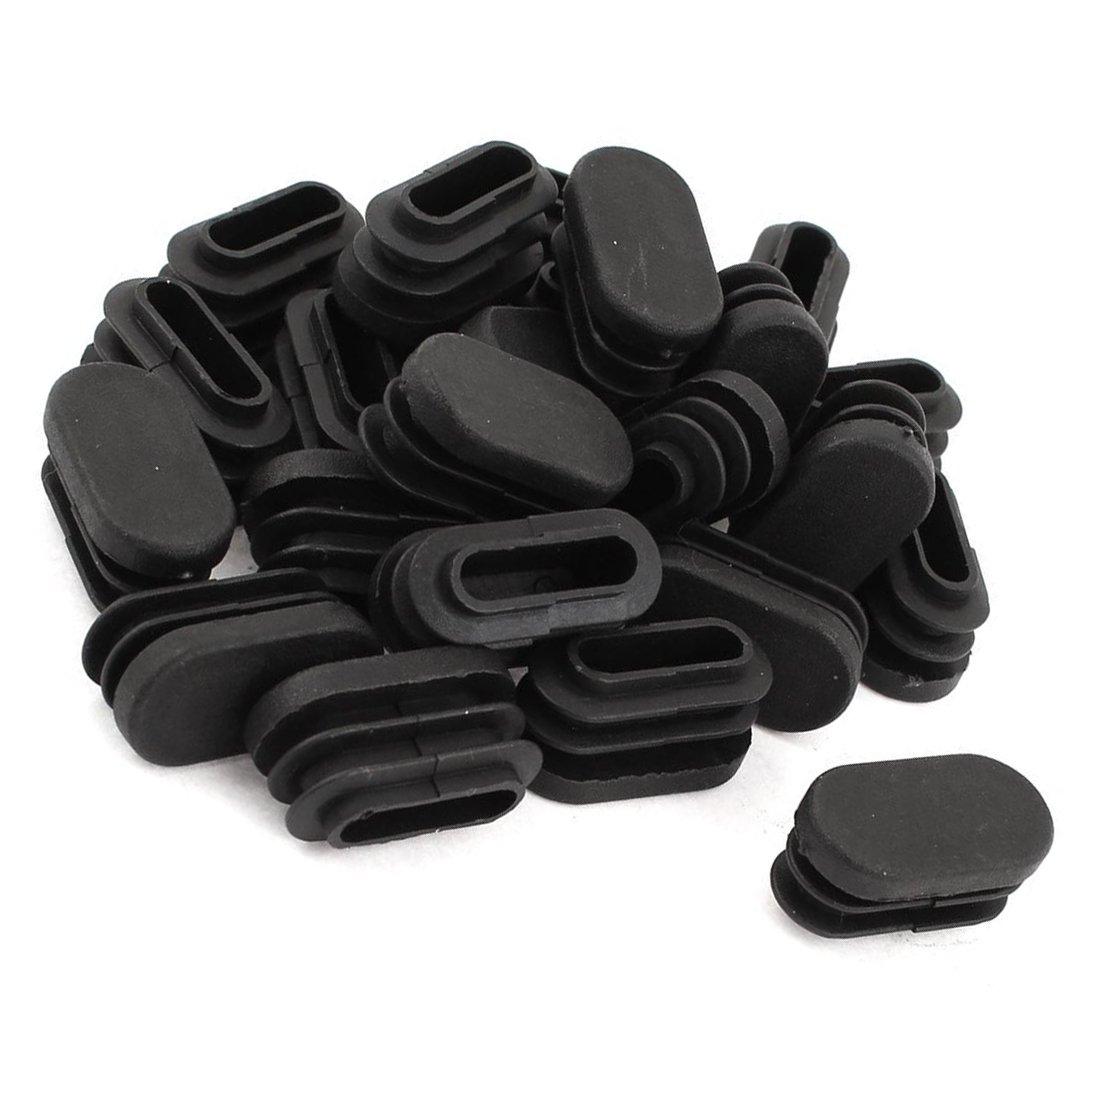 15mm x 30mm Embout en plastique ovale en forme de tube Insert Noir 24 pcs SODIAL Embout de tube R